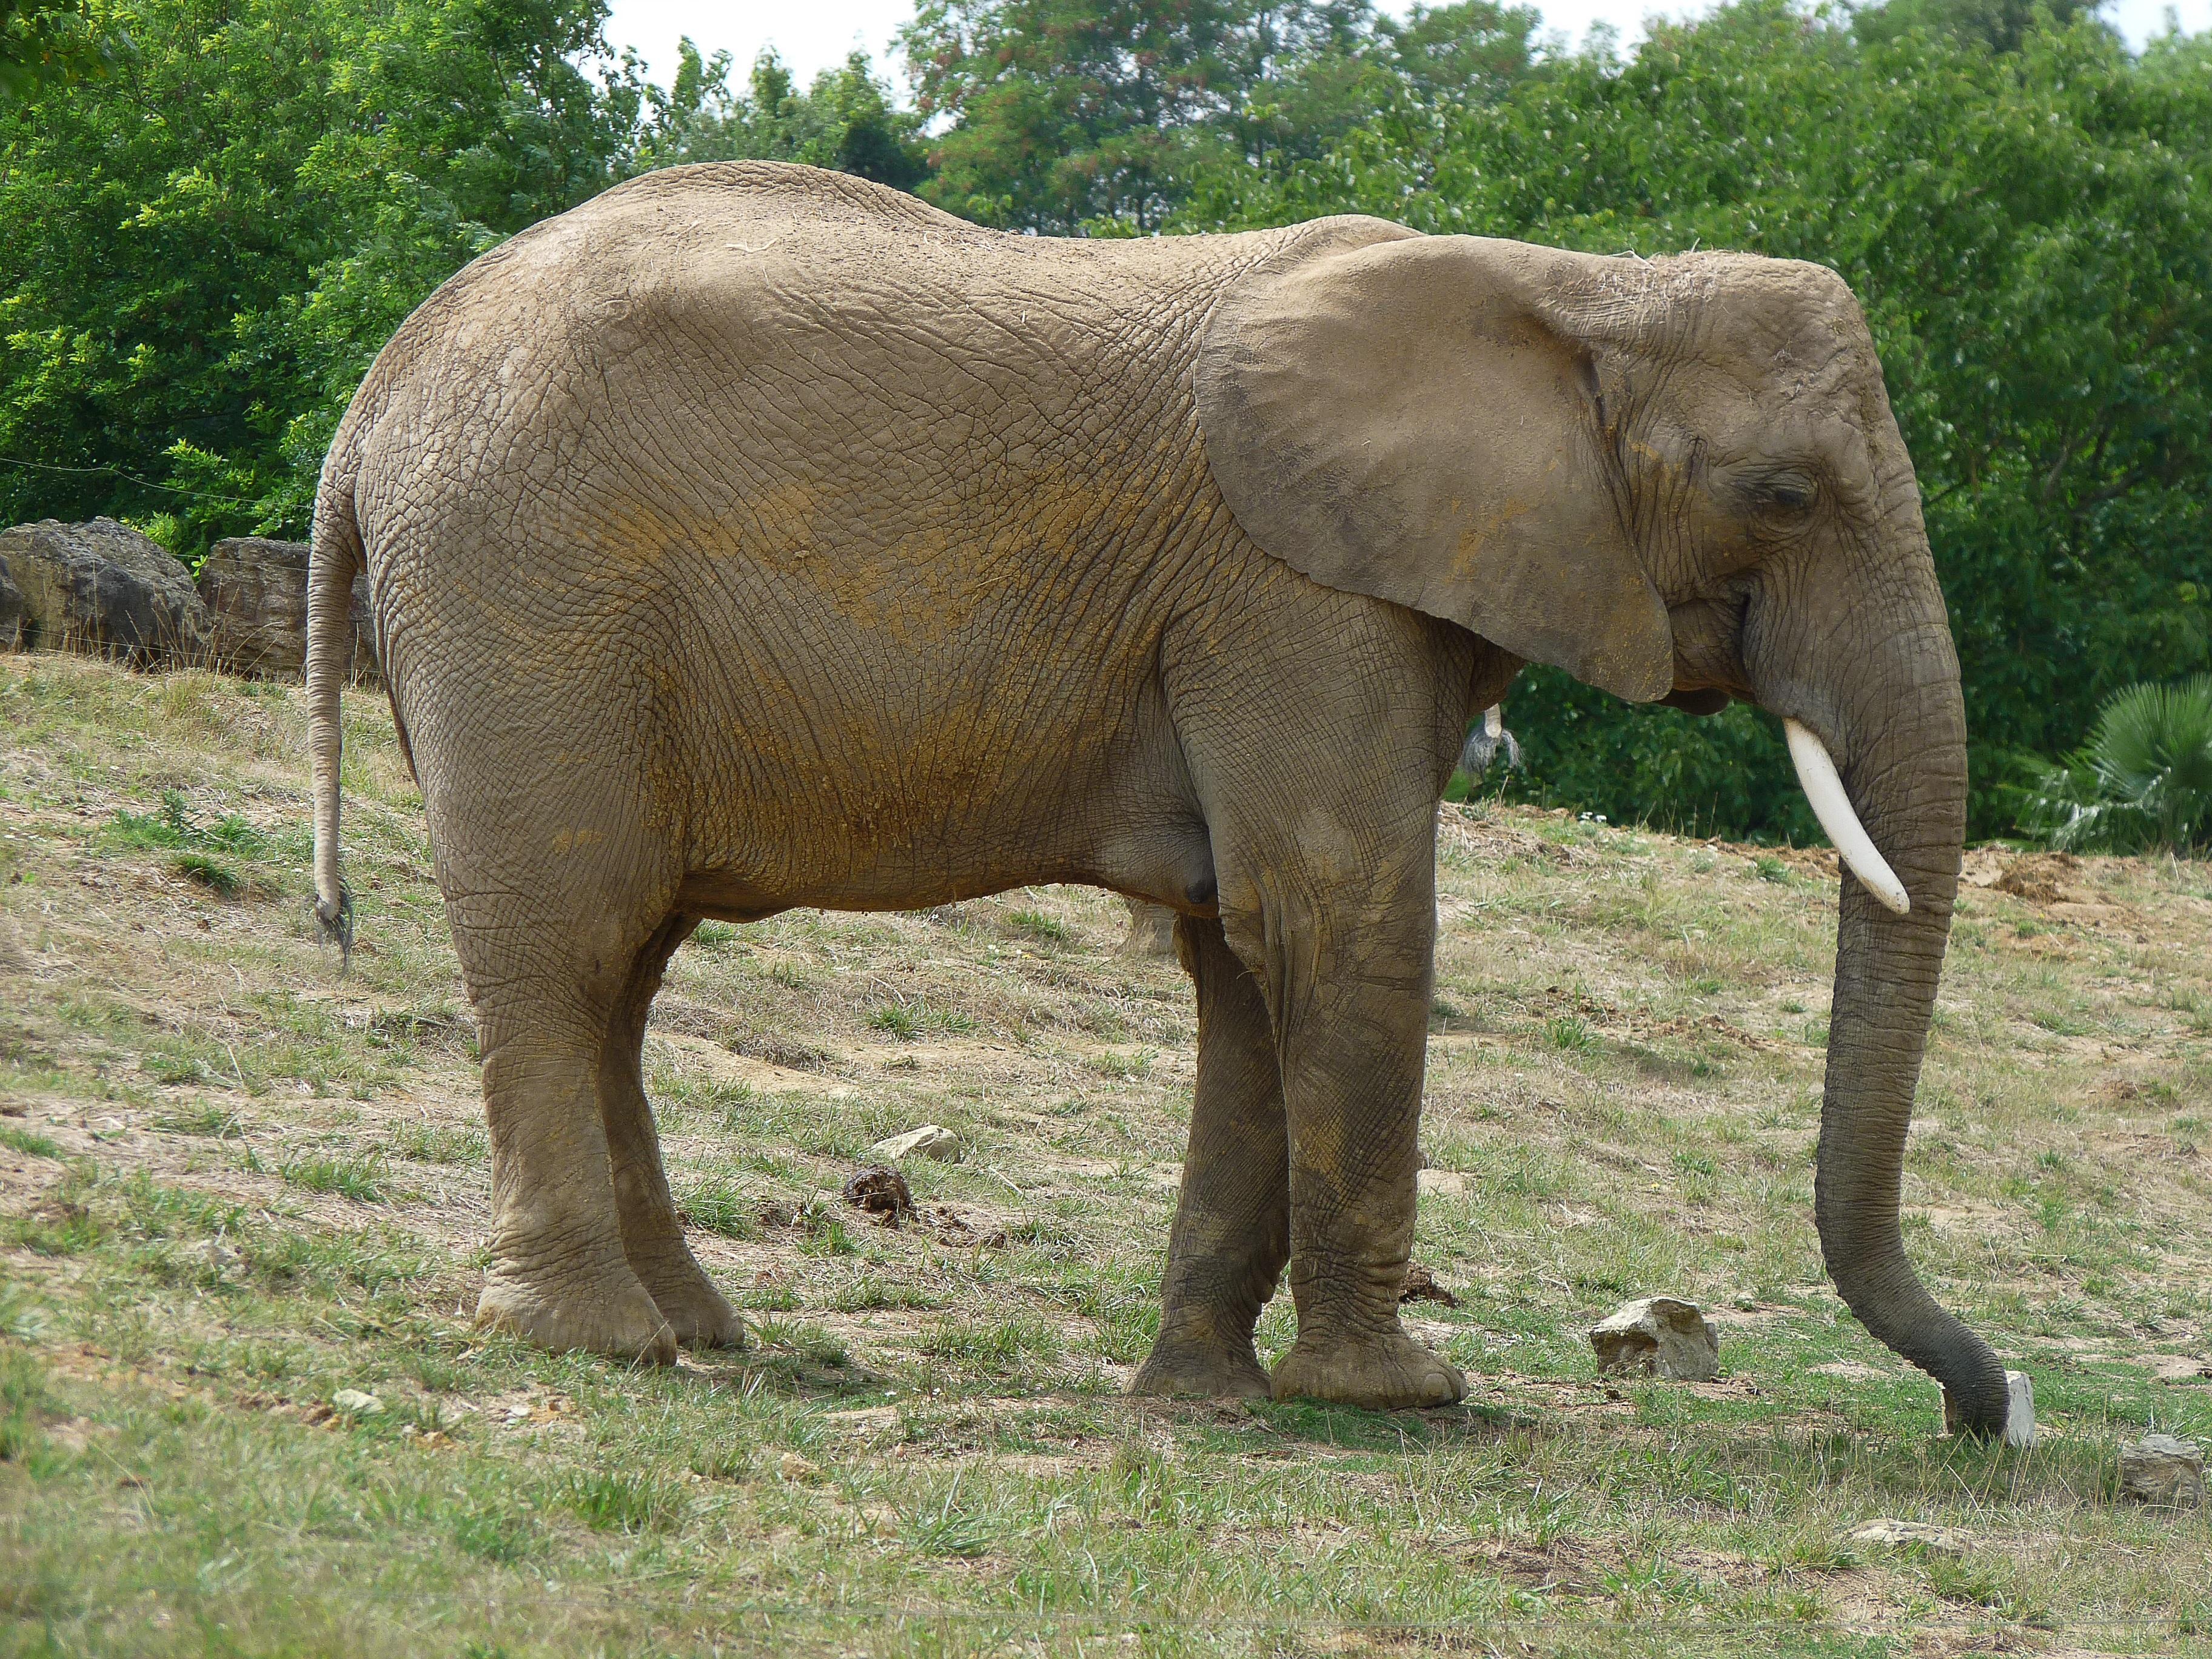 Images gratuites faune zoo mammif re l phant ivoire savane safari la d fense - Photos d elephants gratuites ...